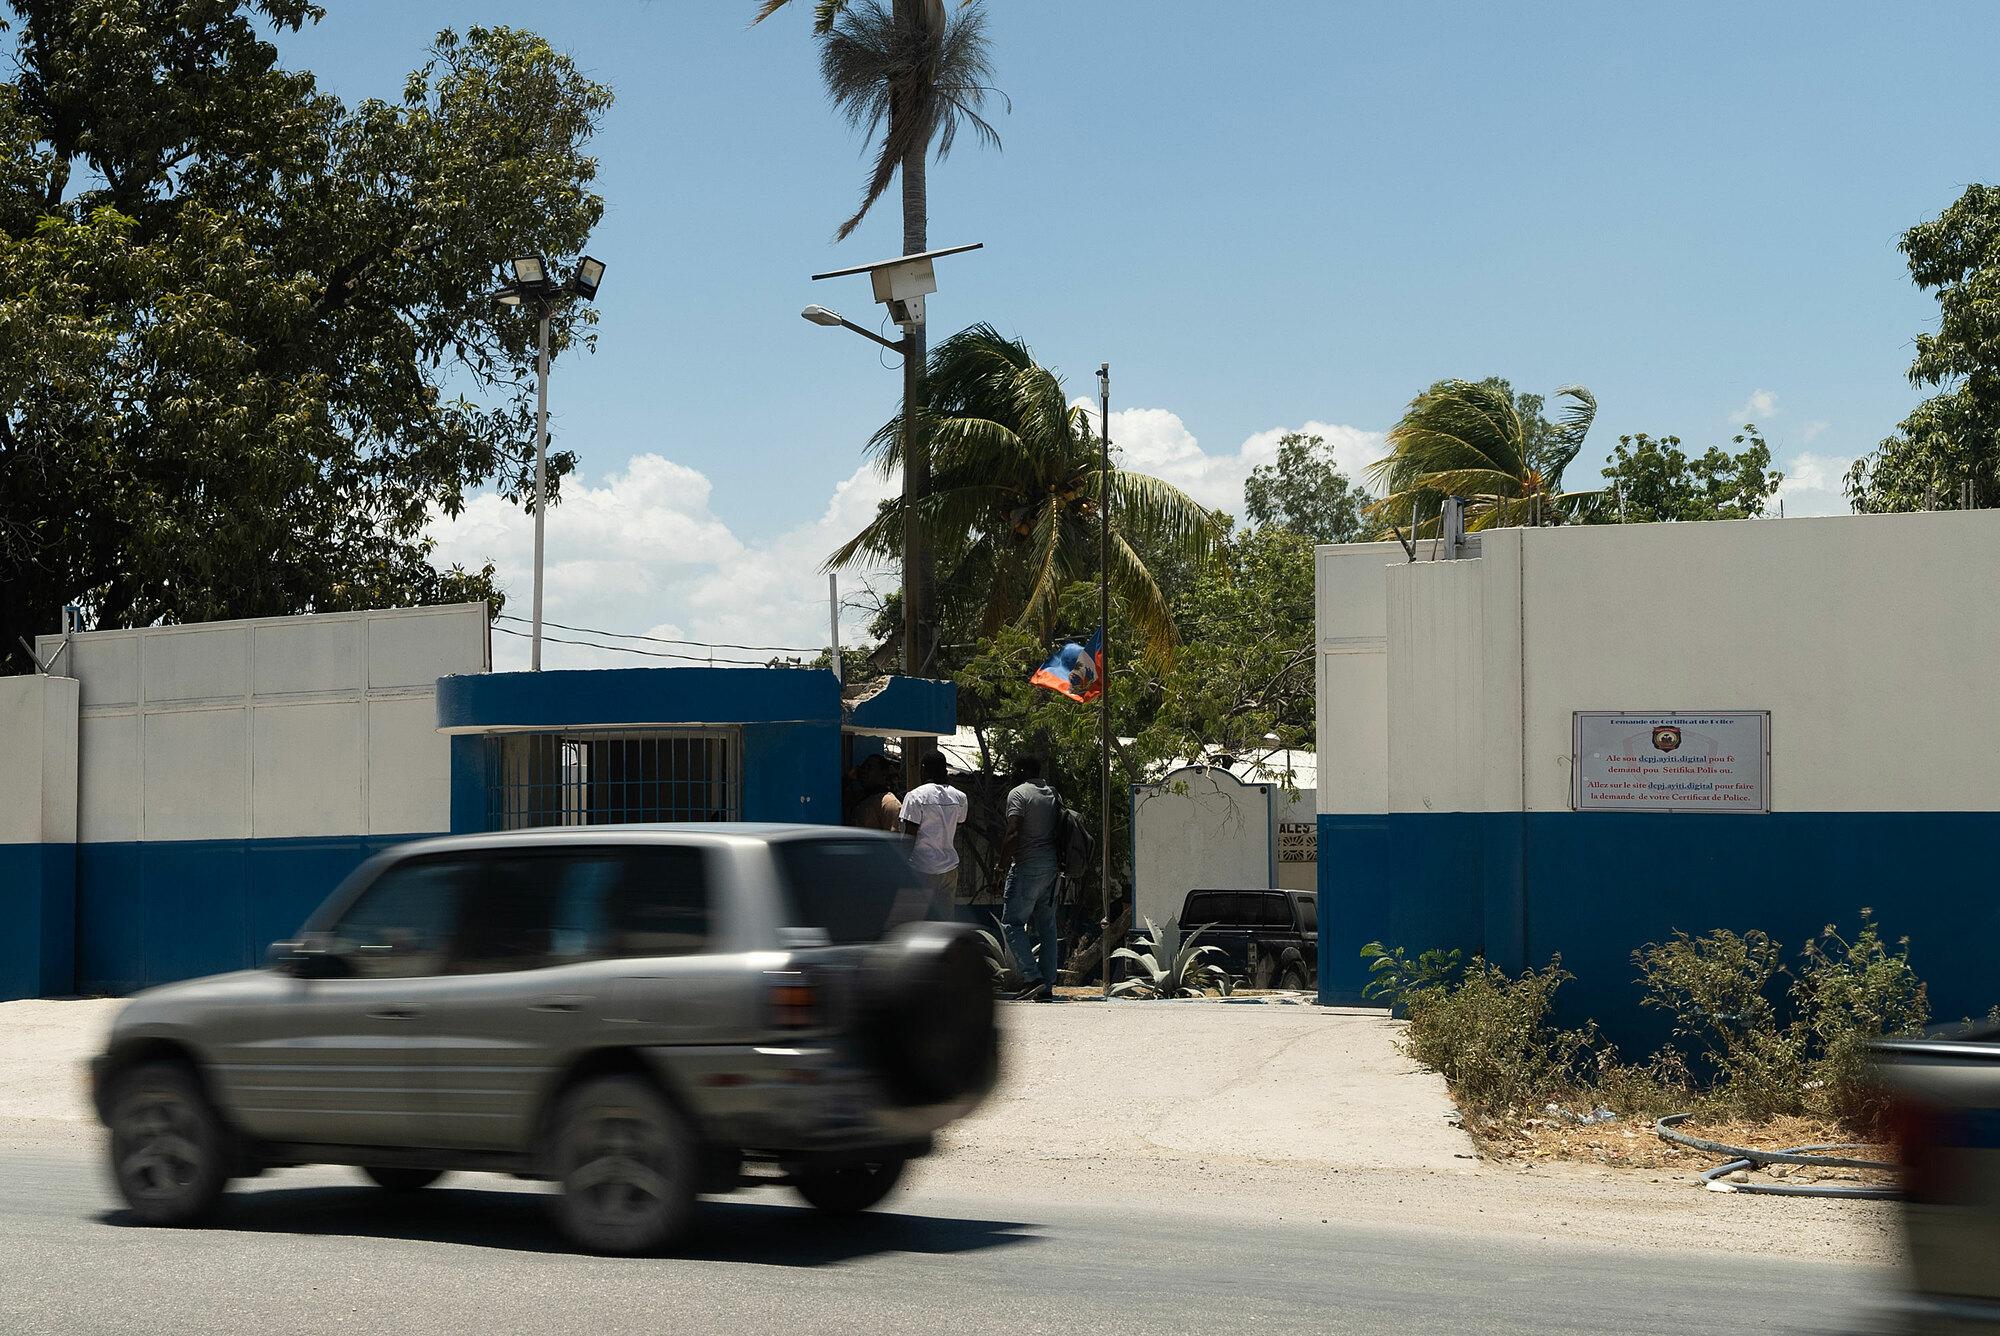 Trụ sở cảnh sát tư pháp Haiti, nơi tạm giữ các nghi phạm và vật chứng then chốt cho cuộc điều tra. Ảnh: CNN.